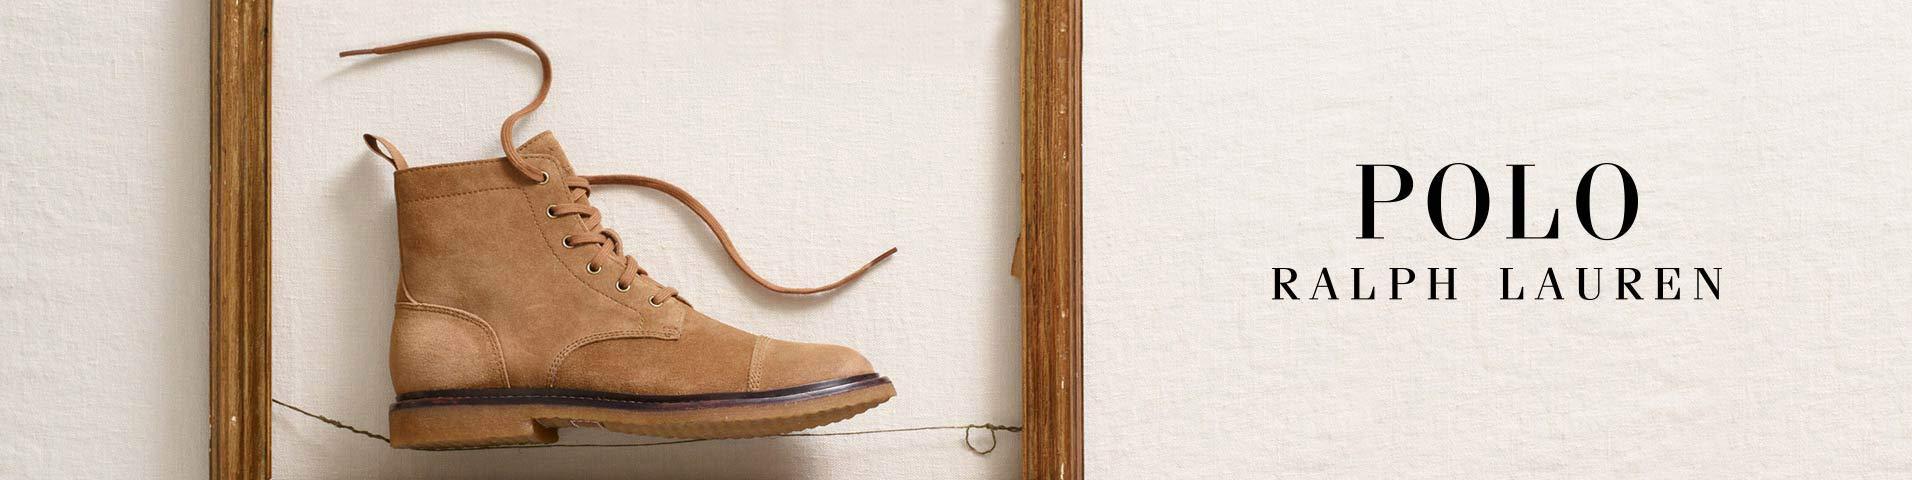 18e66ce006d8 Chaussures homme Polo Ralph Lauren vert   Large choix en ligne sur ...